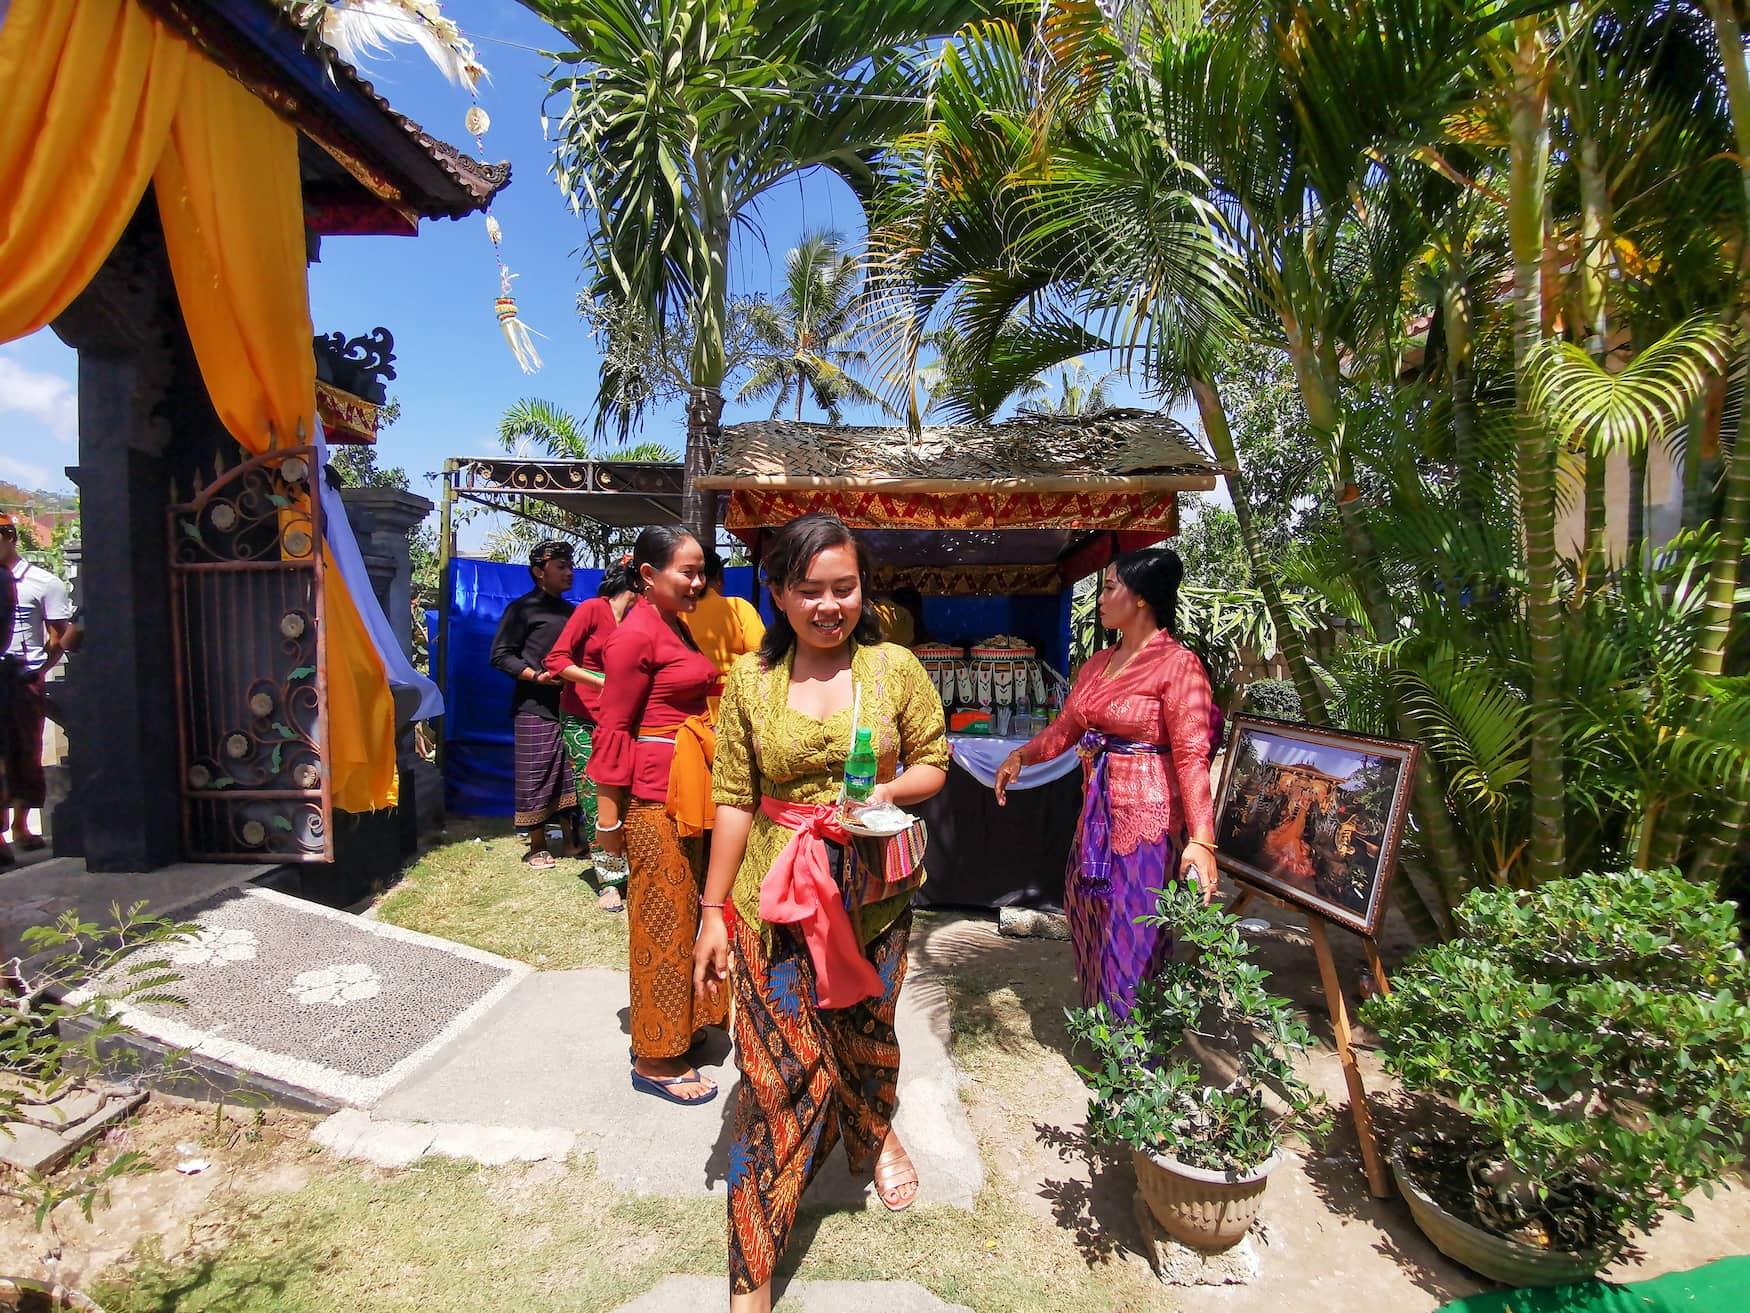 Frauen in traditionellen Gewändern auf einer Hochzeit auf Bali